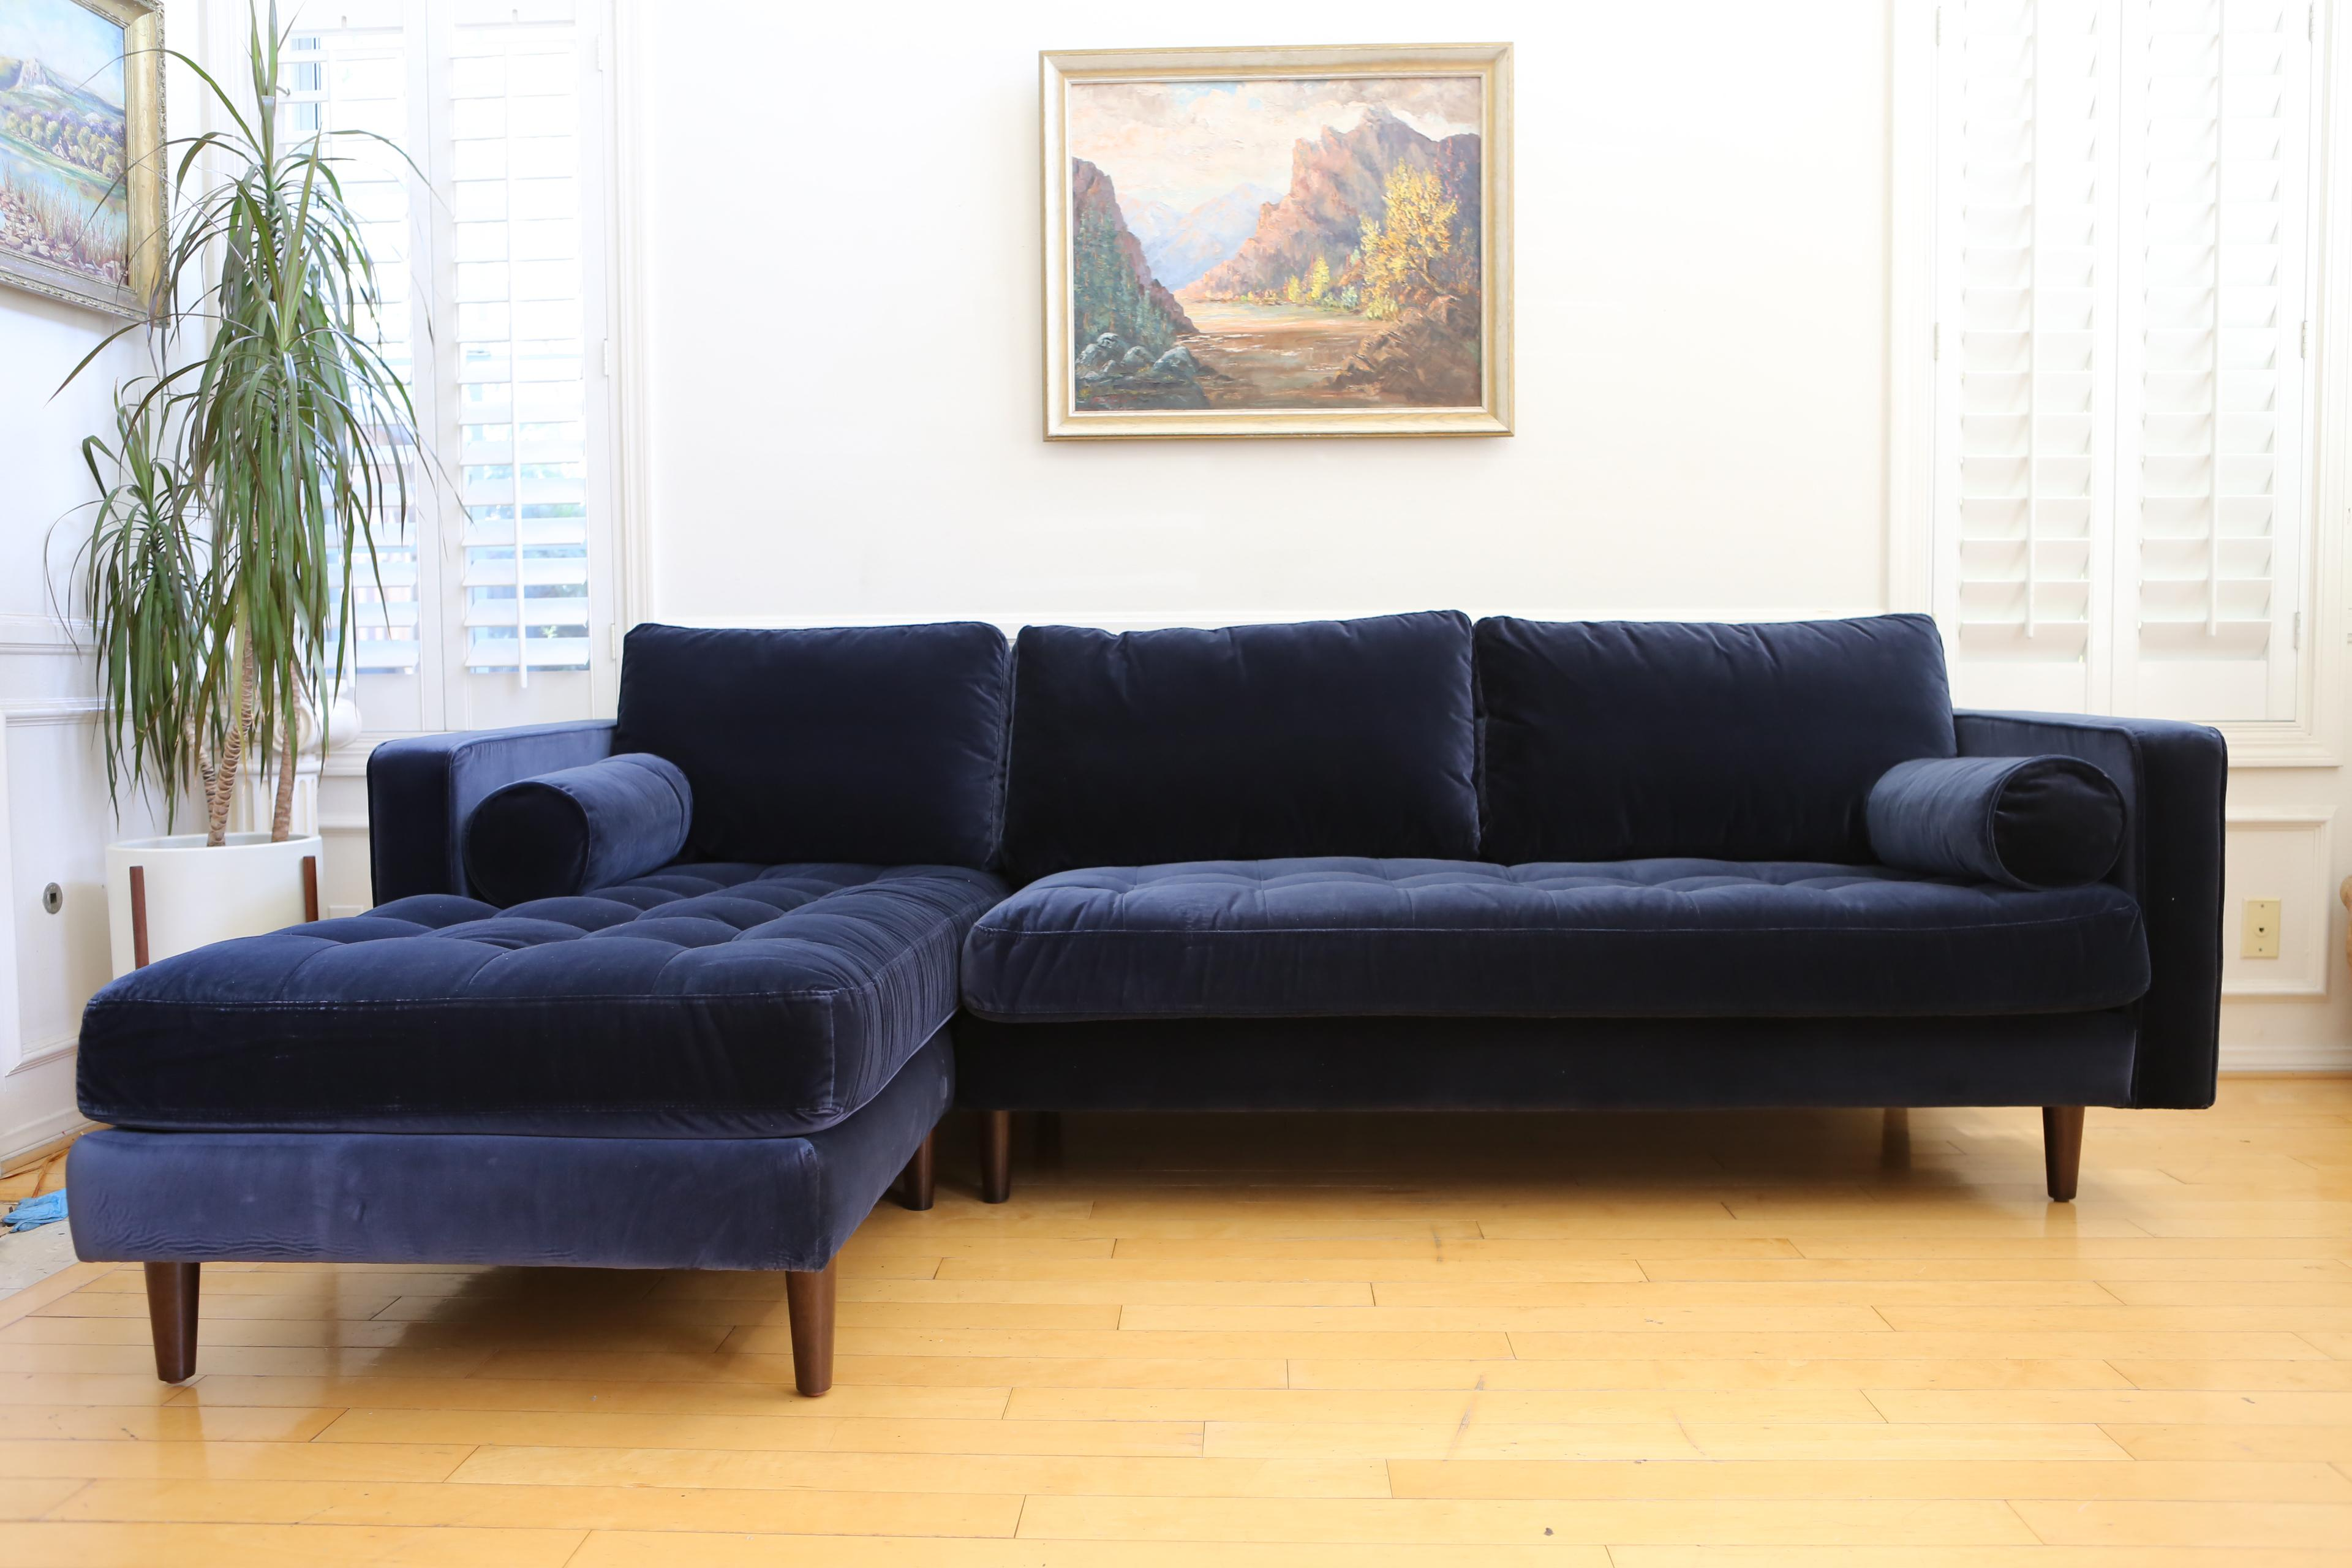 Mid Century Modern Navy Blue Velvet Sectional Sofa   Image 2 Of 6